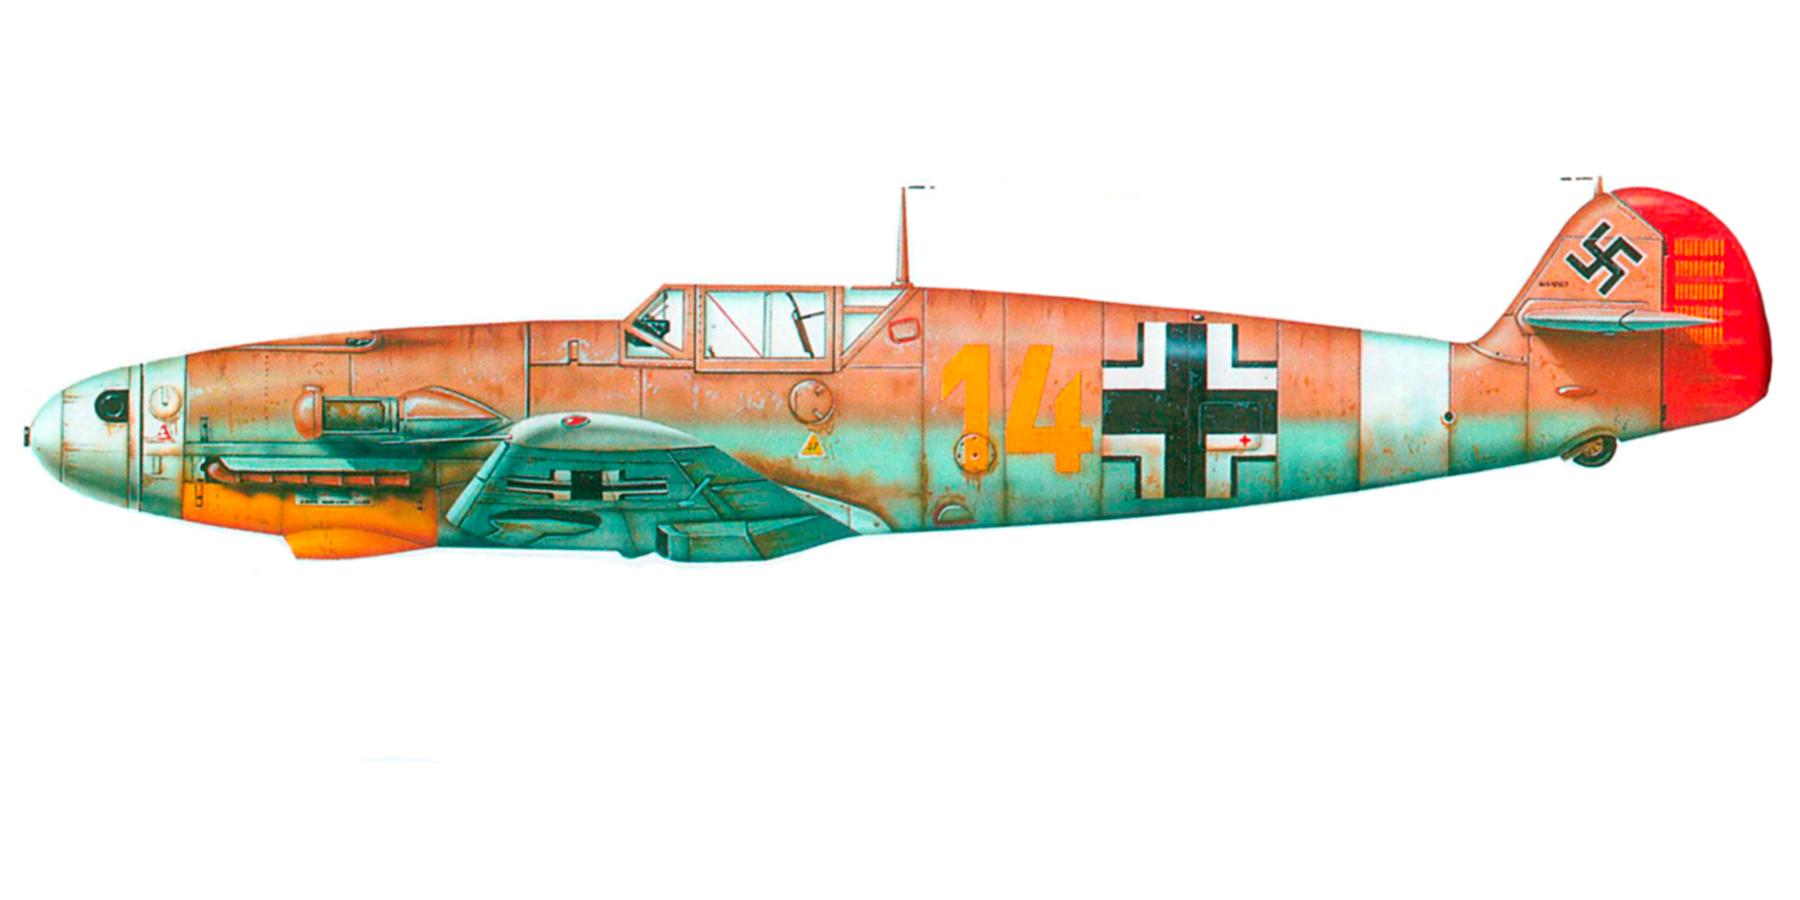 Messerschmitt Bf 109F4Trop 3.JG27 Yellow 14 Hans Joachim Marseille WNr 8693 Martuba Feb 1942 0A